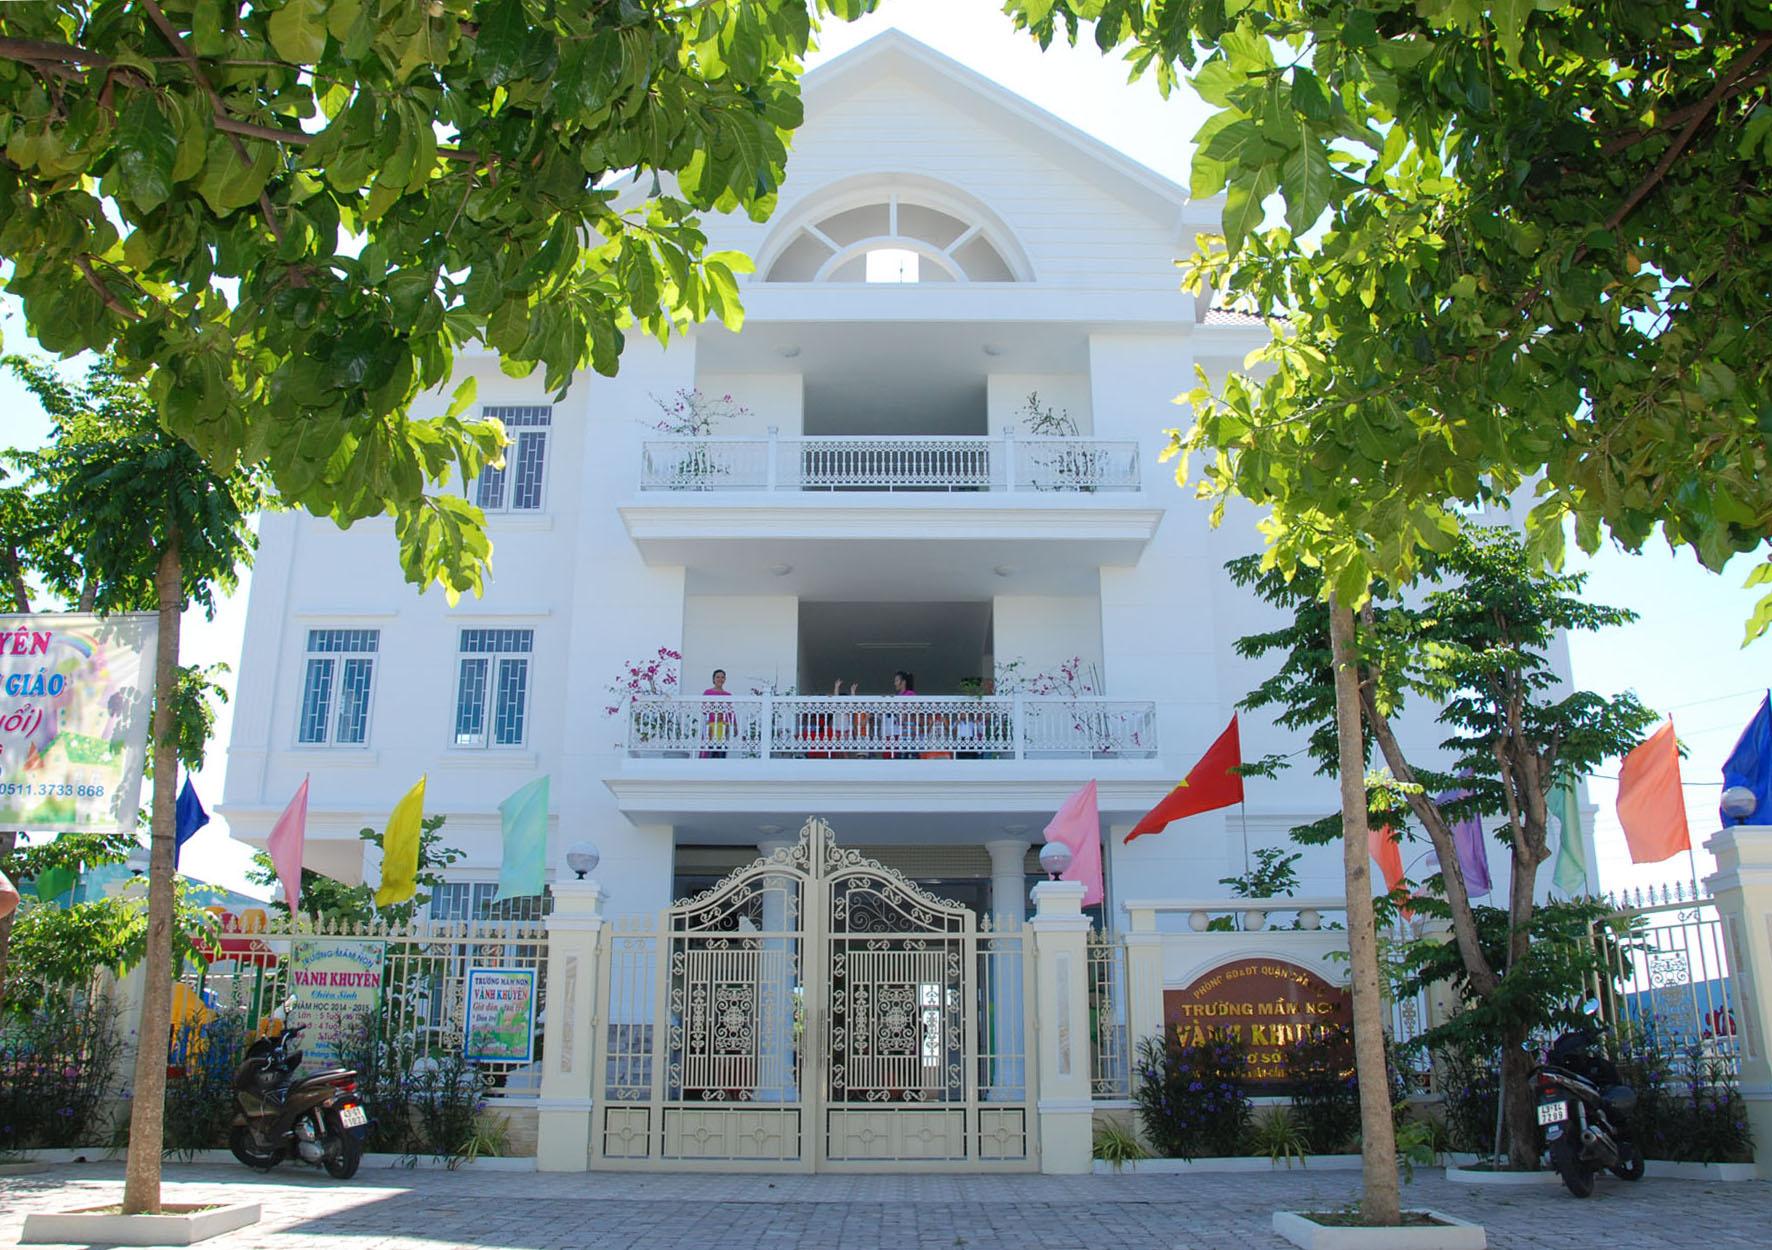 Trường mầm non Vành Khuyên - Hòa Thọ Đông